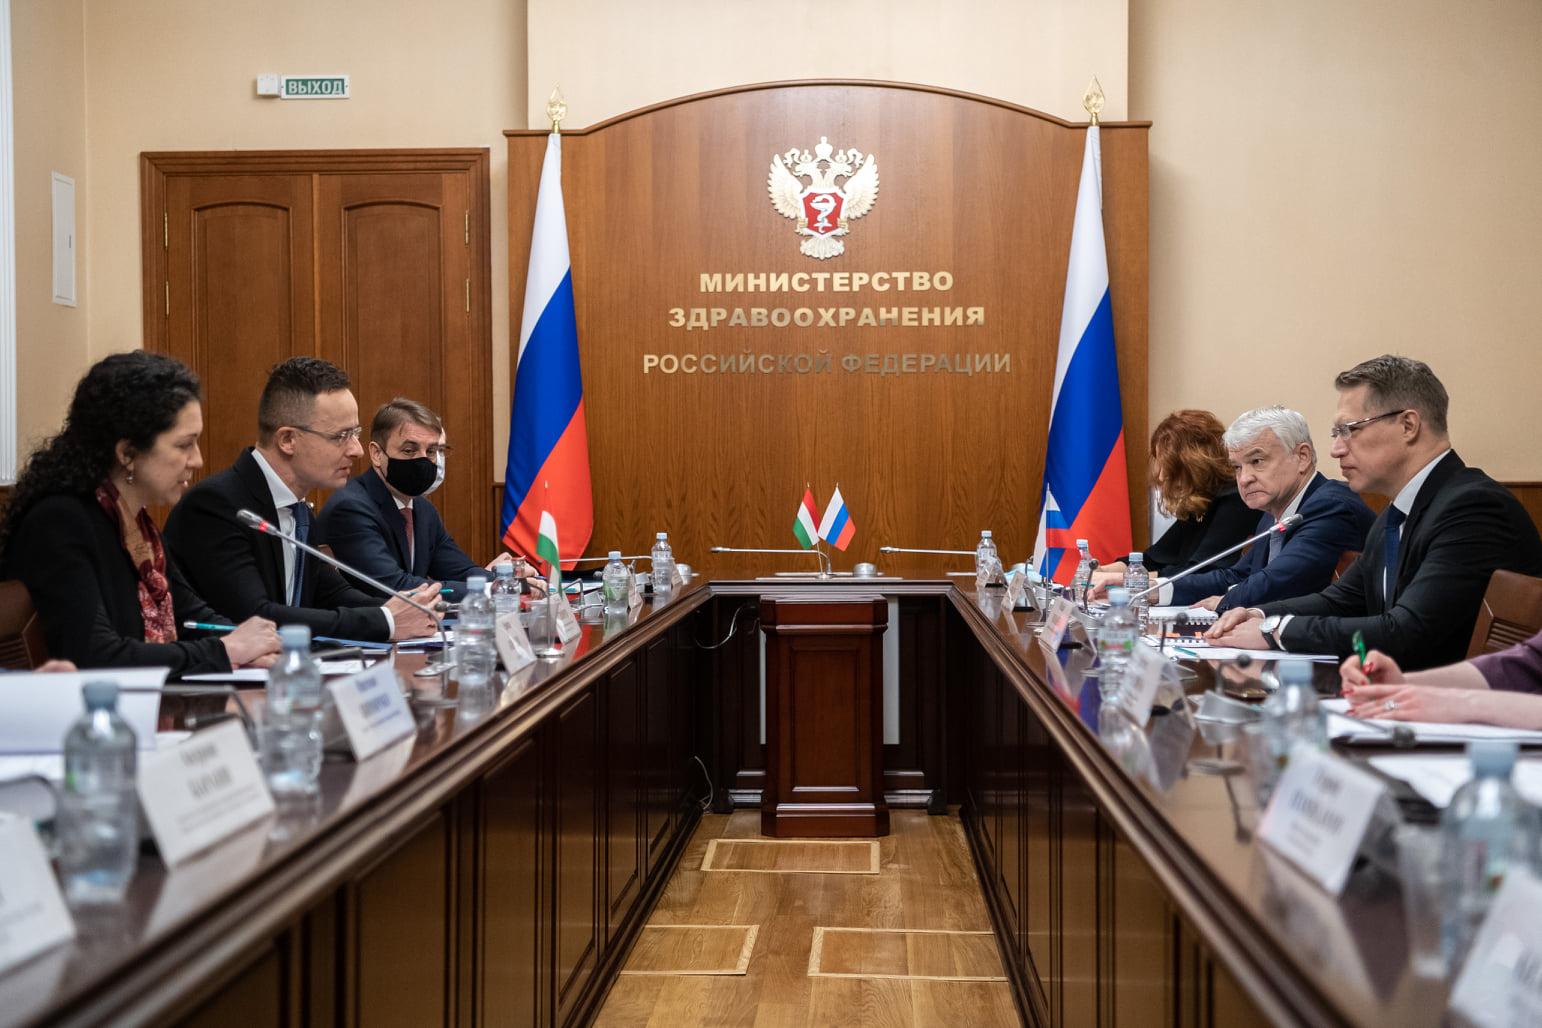 Coronavirus: Hungary to Buy Large Amount of Russian Vaccine